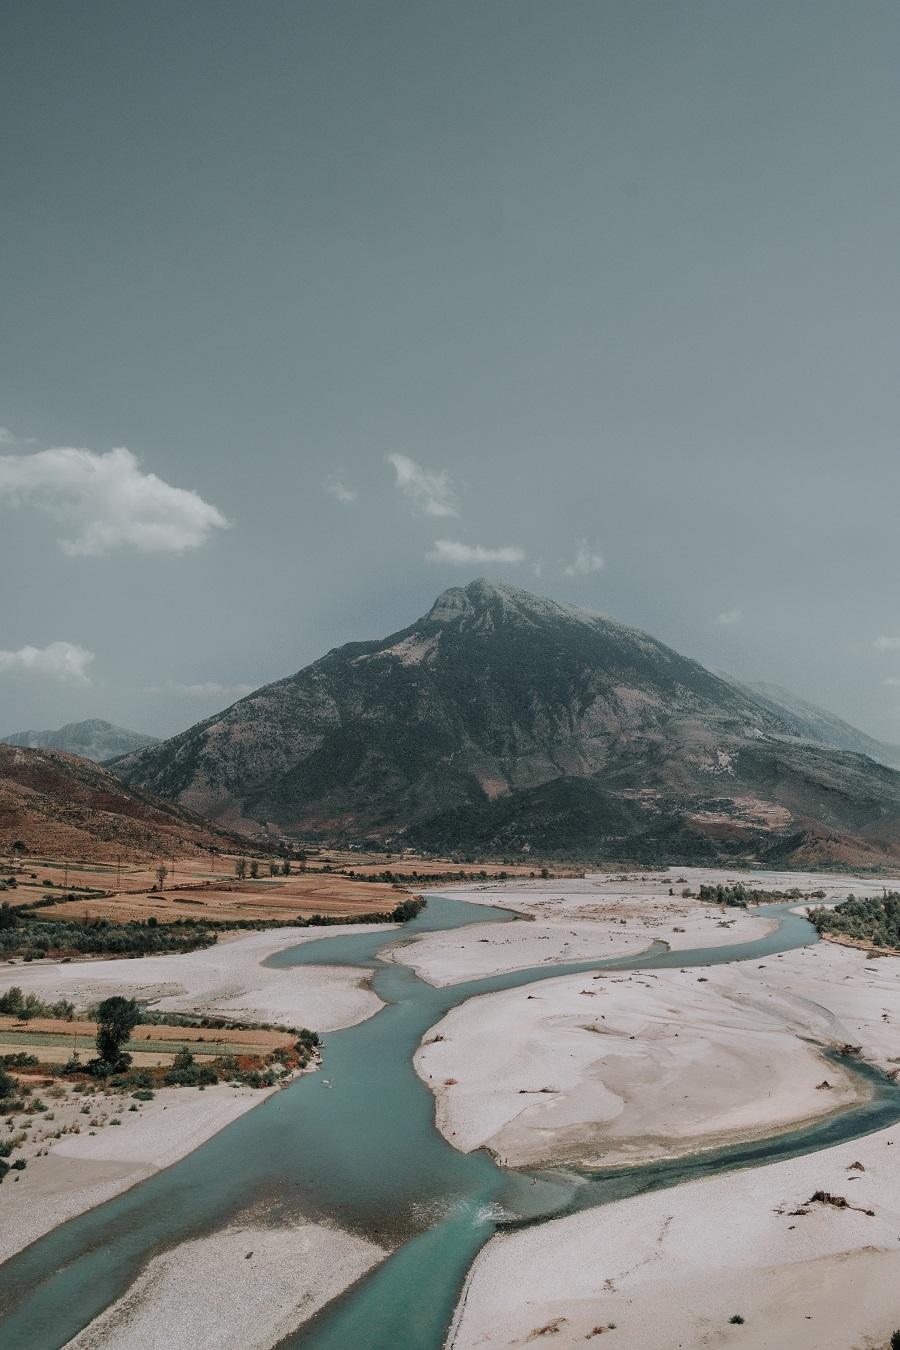 fiume viosa albania cosa vedere balcani